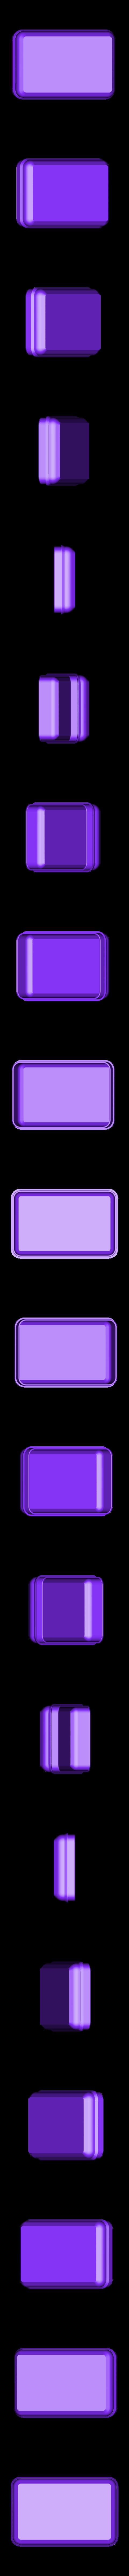 """Soapboxbottom.stl Download free STL file Soap box for 98x62x28mm """"Nesti Dante"""" soap bar • 3D printable model, glassy"""